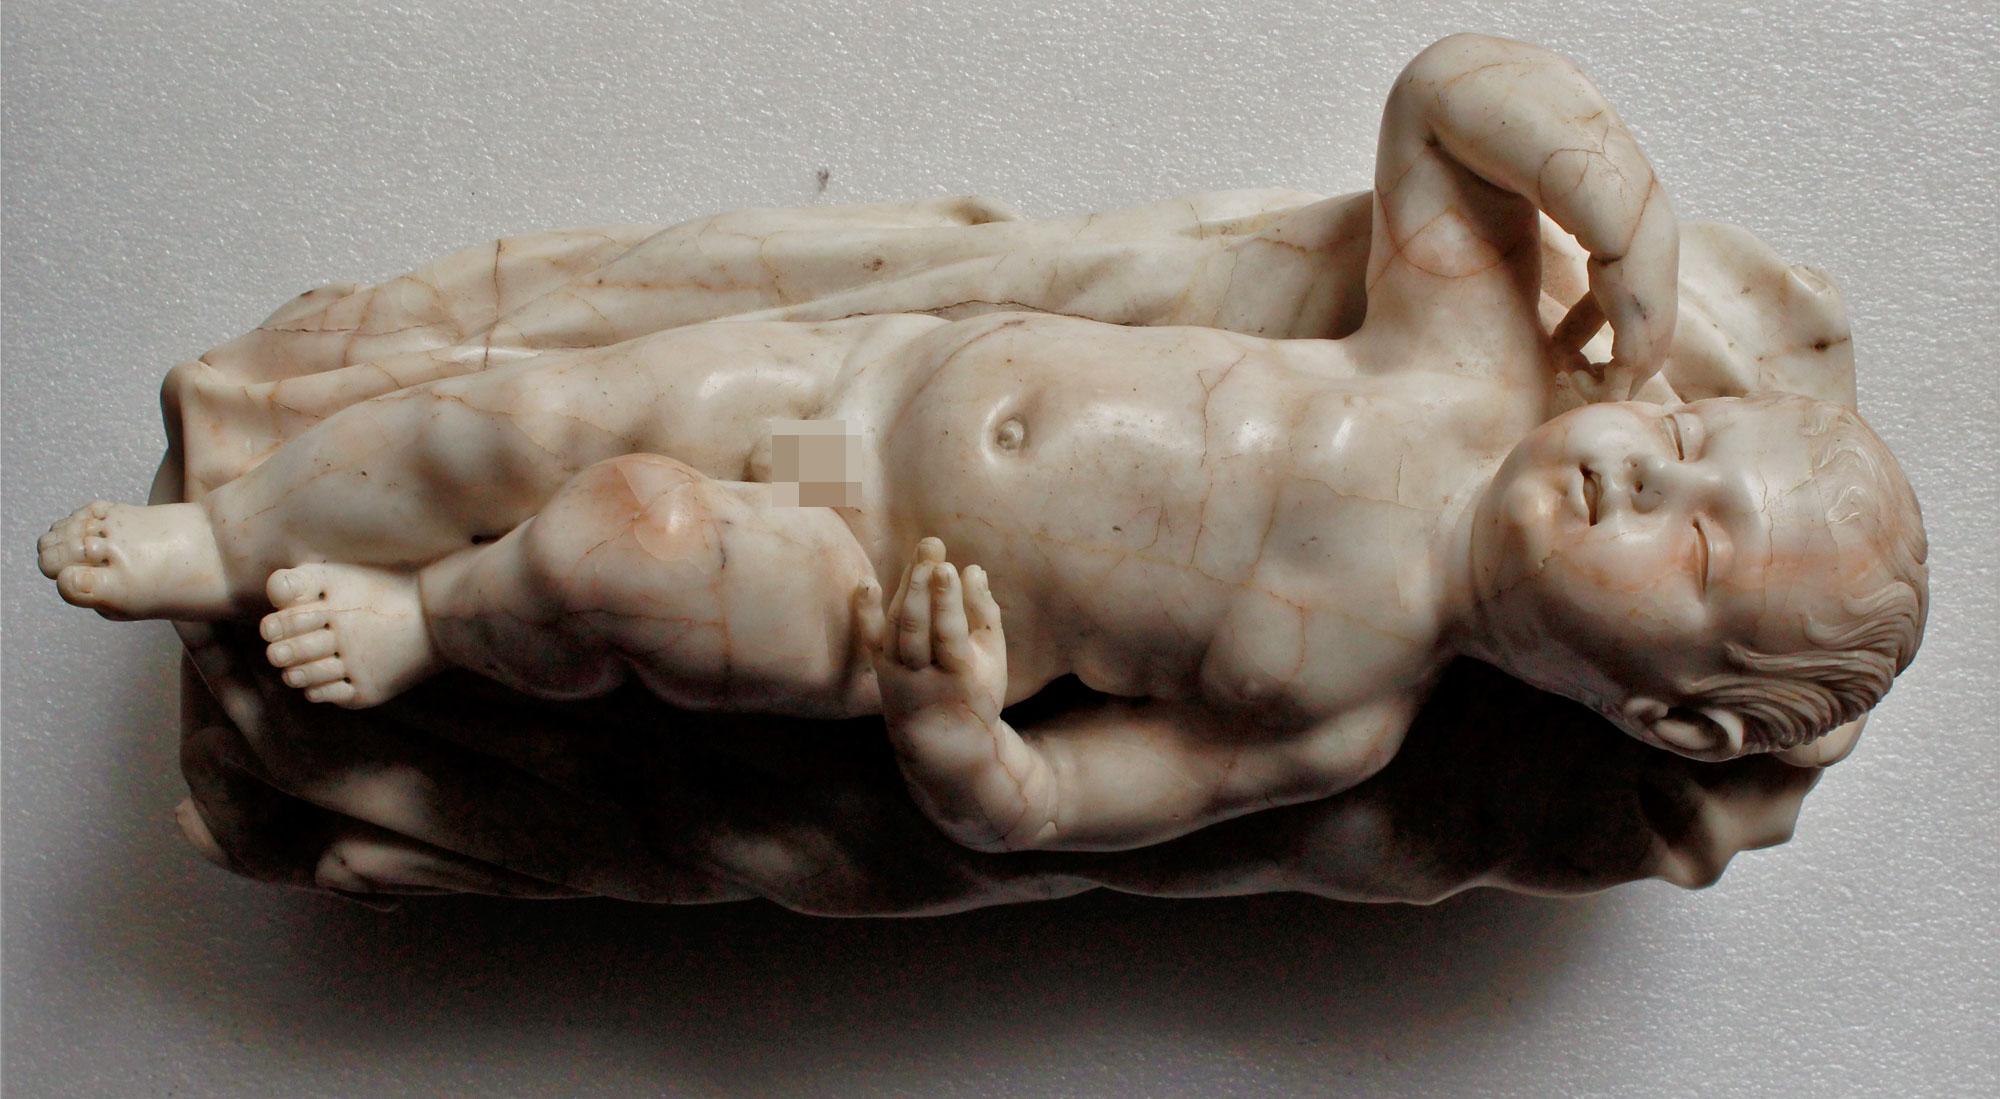 Alla Reggia di Caserta scoperta un'opera di Giuseppe Sammartino, l'autore del Cristo velato